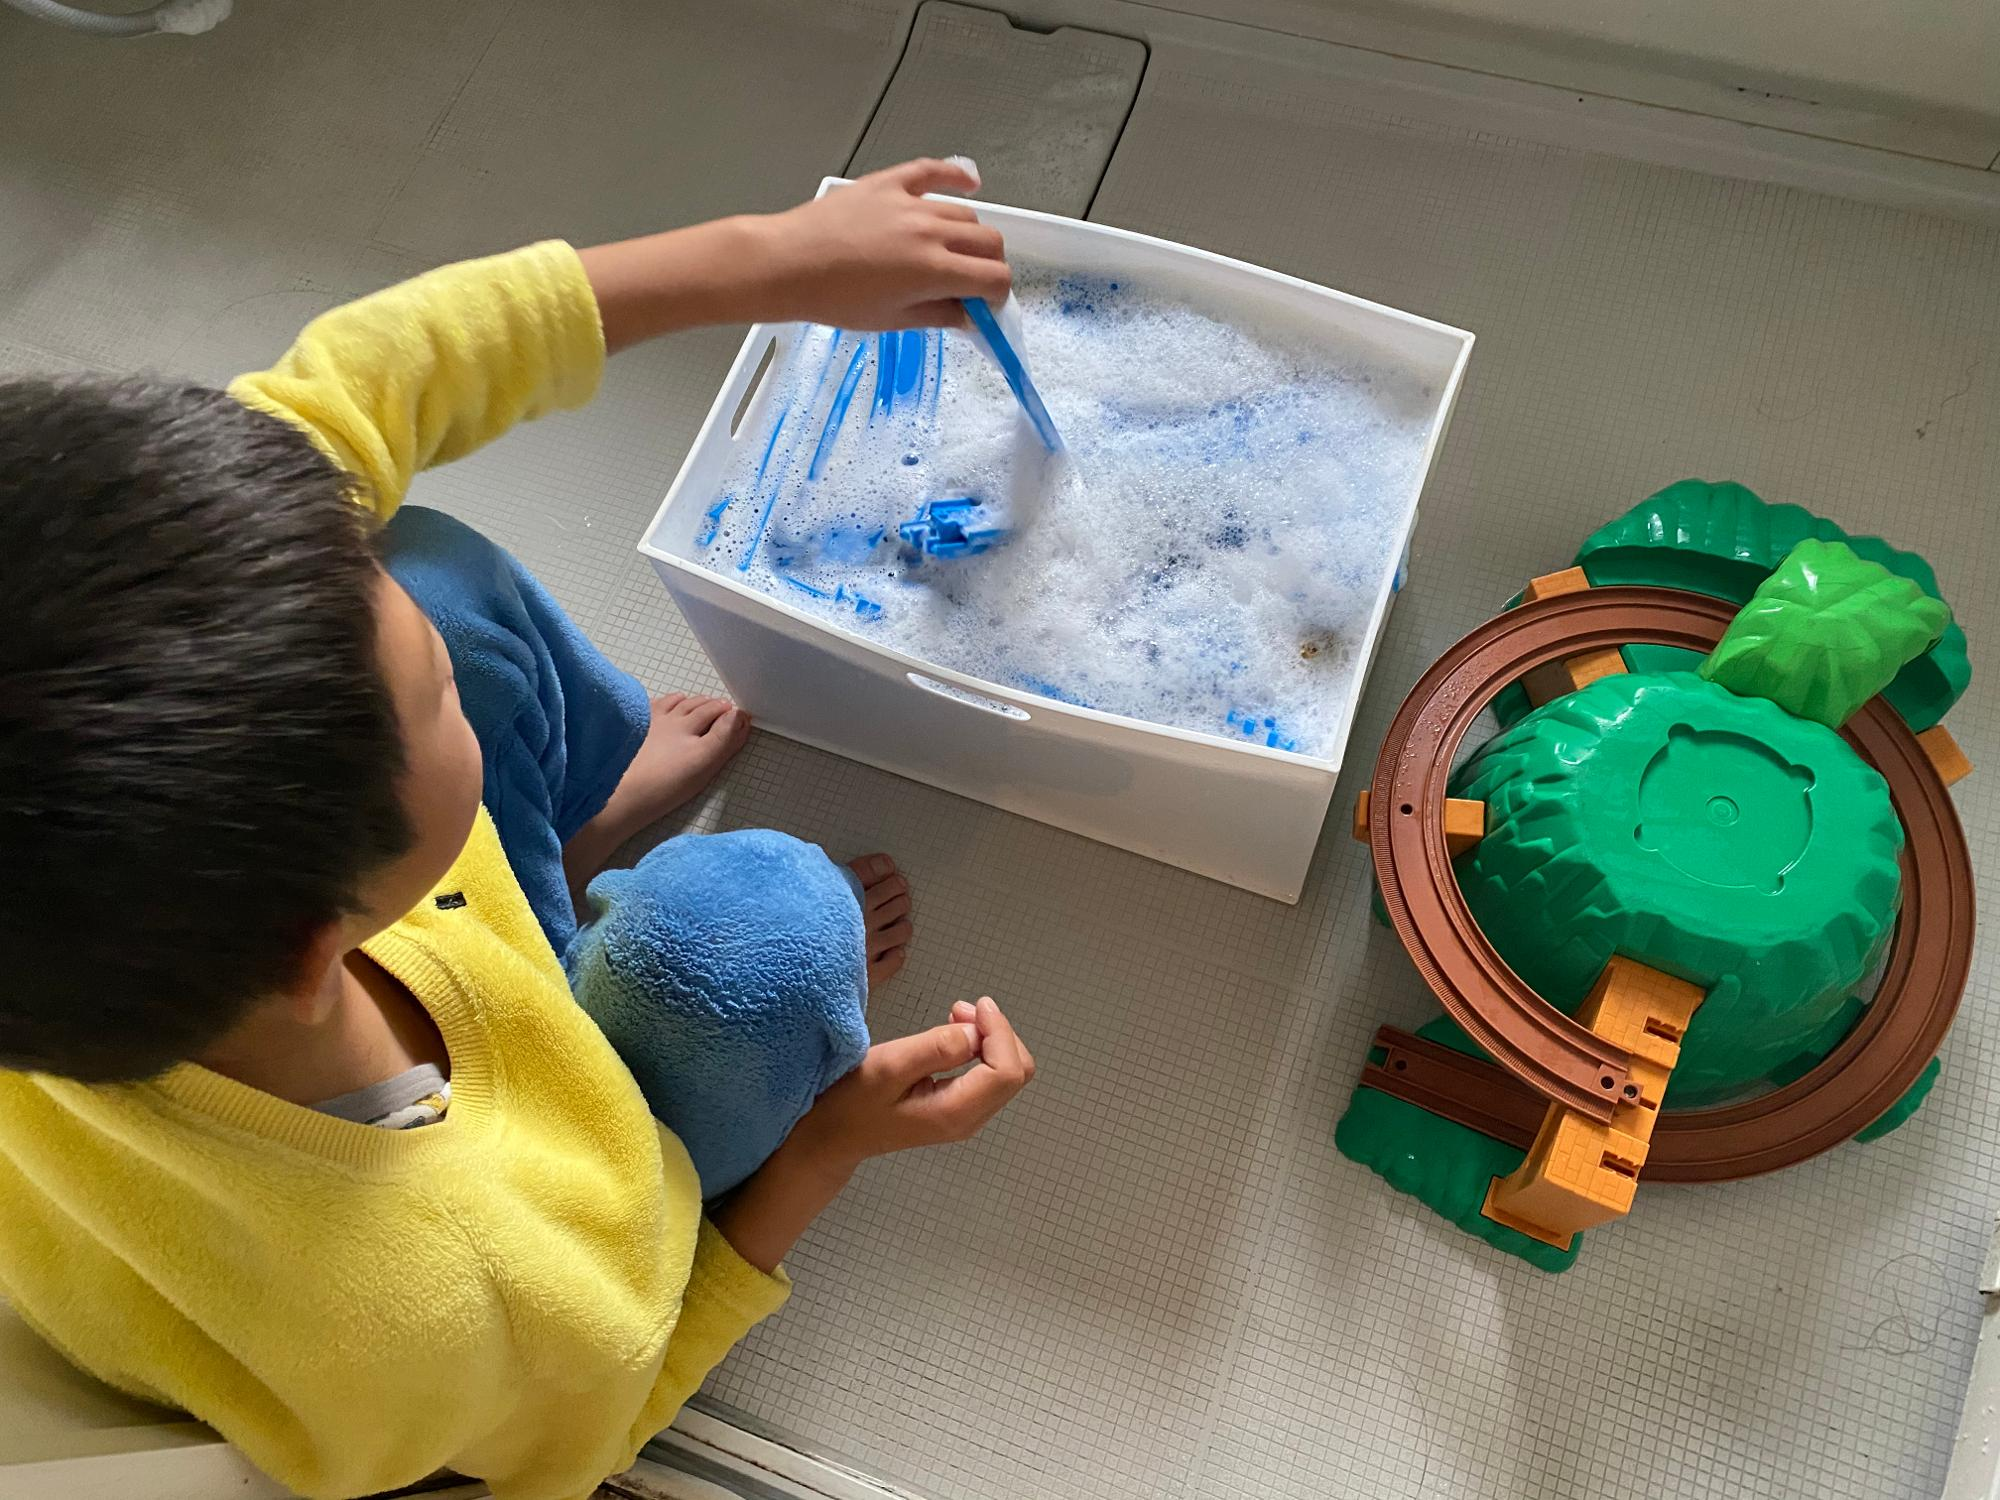 友達に譲る電車のおもちゃを洗う次男